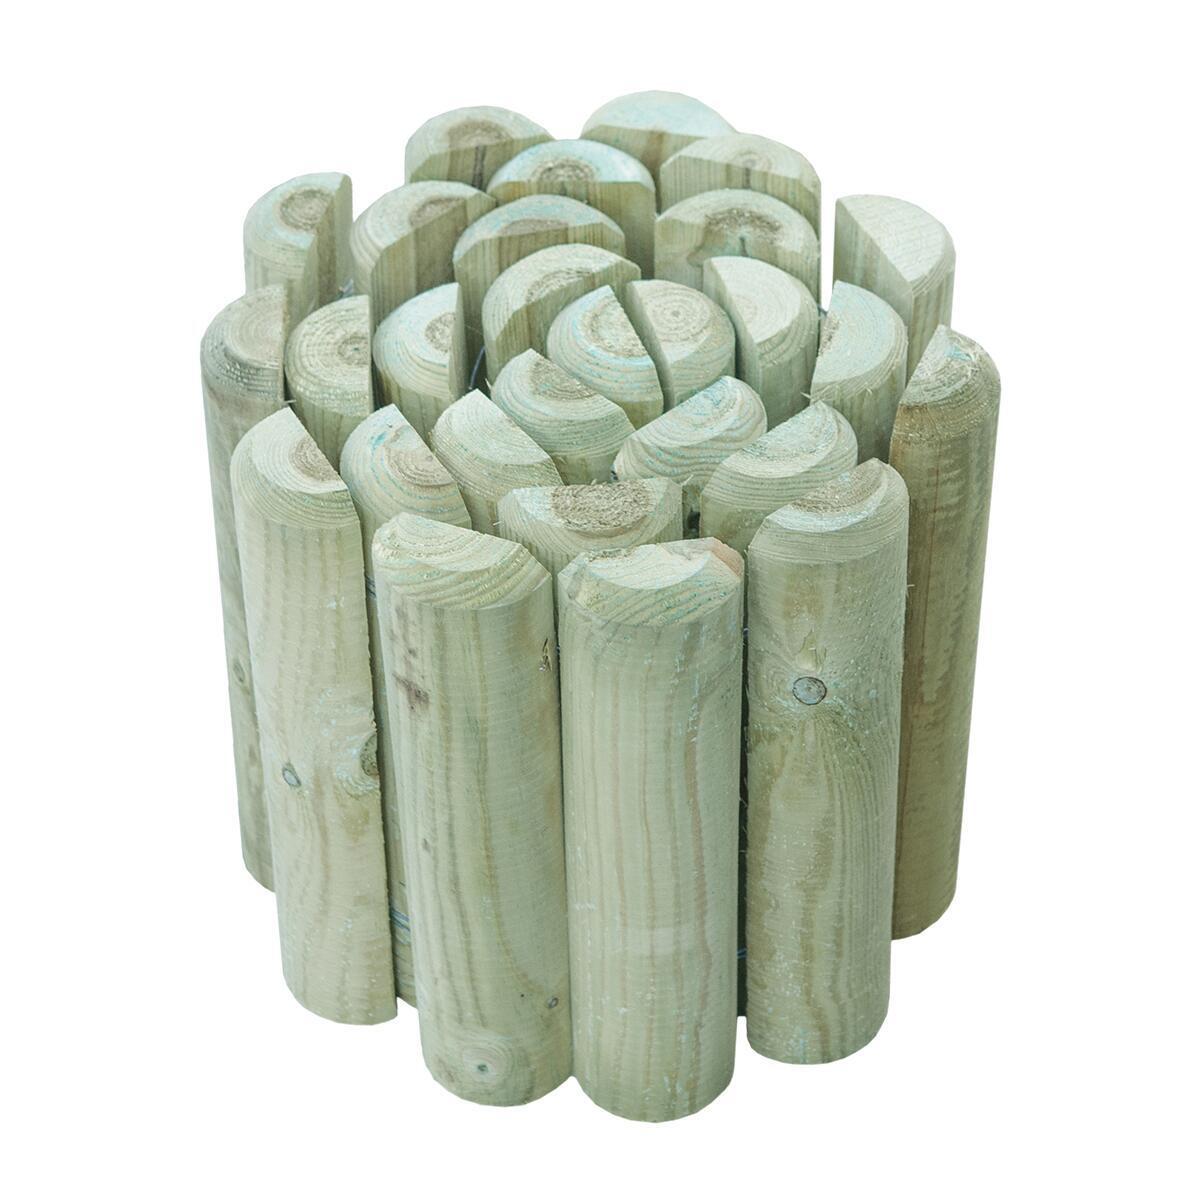 Bordura in rotolo in legno L 196 x H 30 cm Sp 3.5 cm - 1